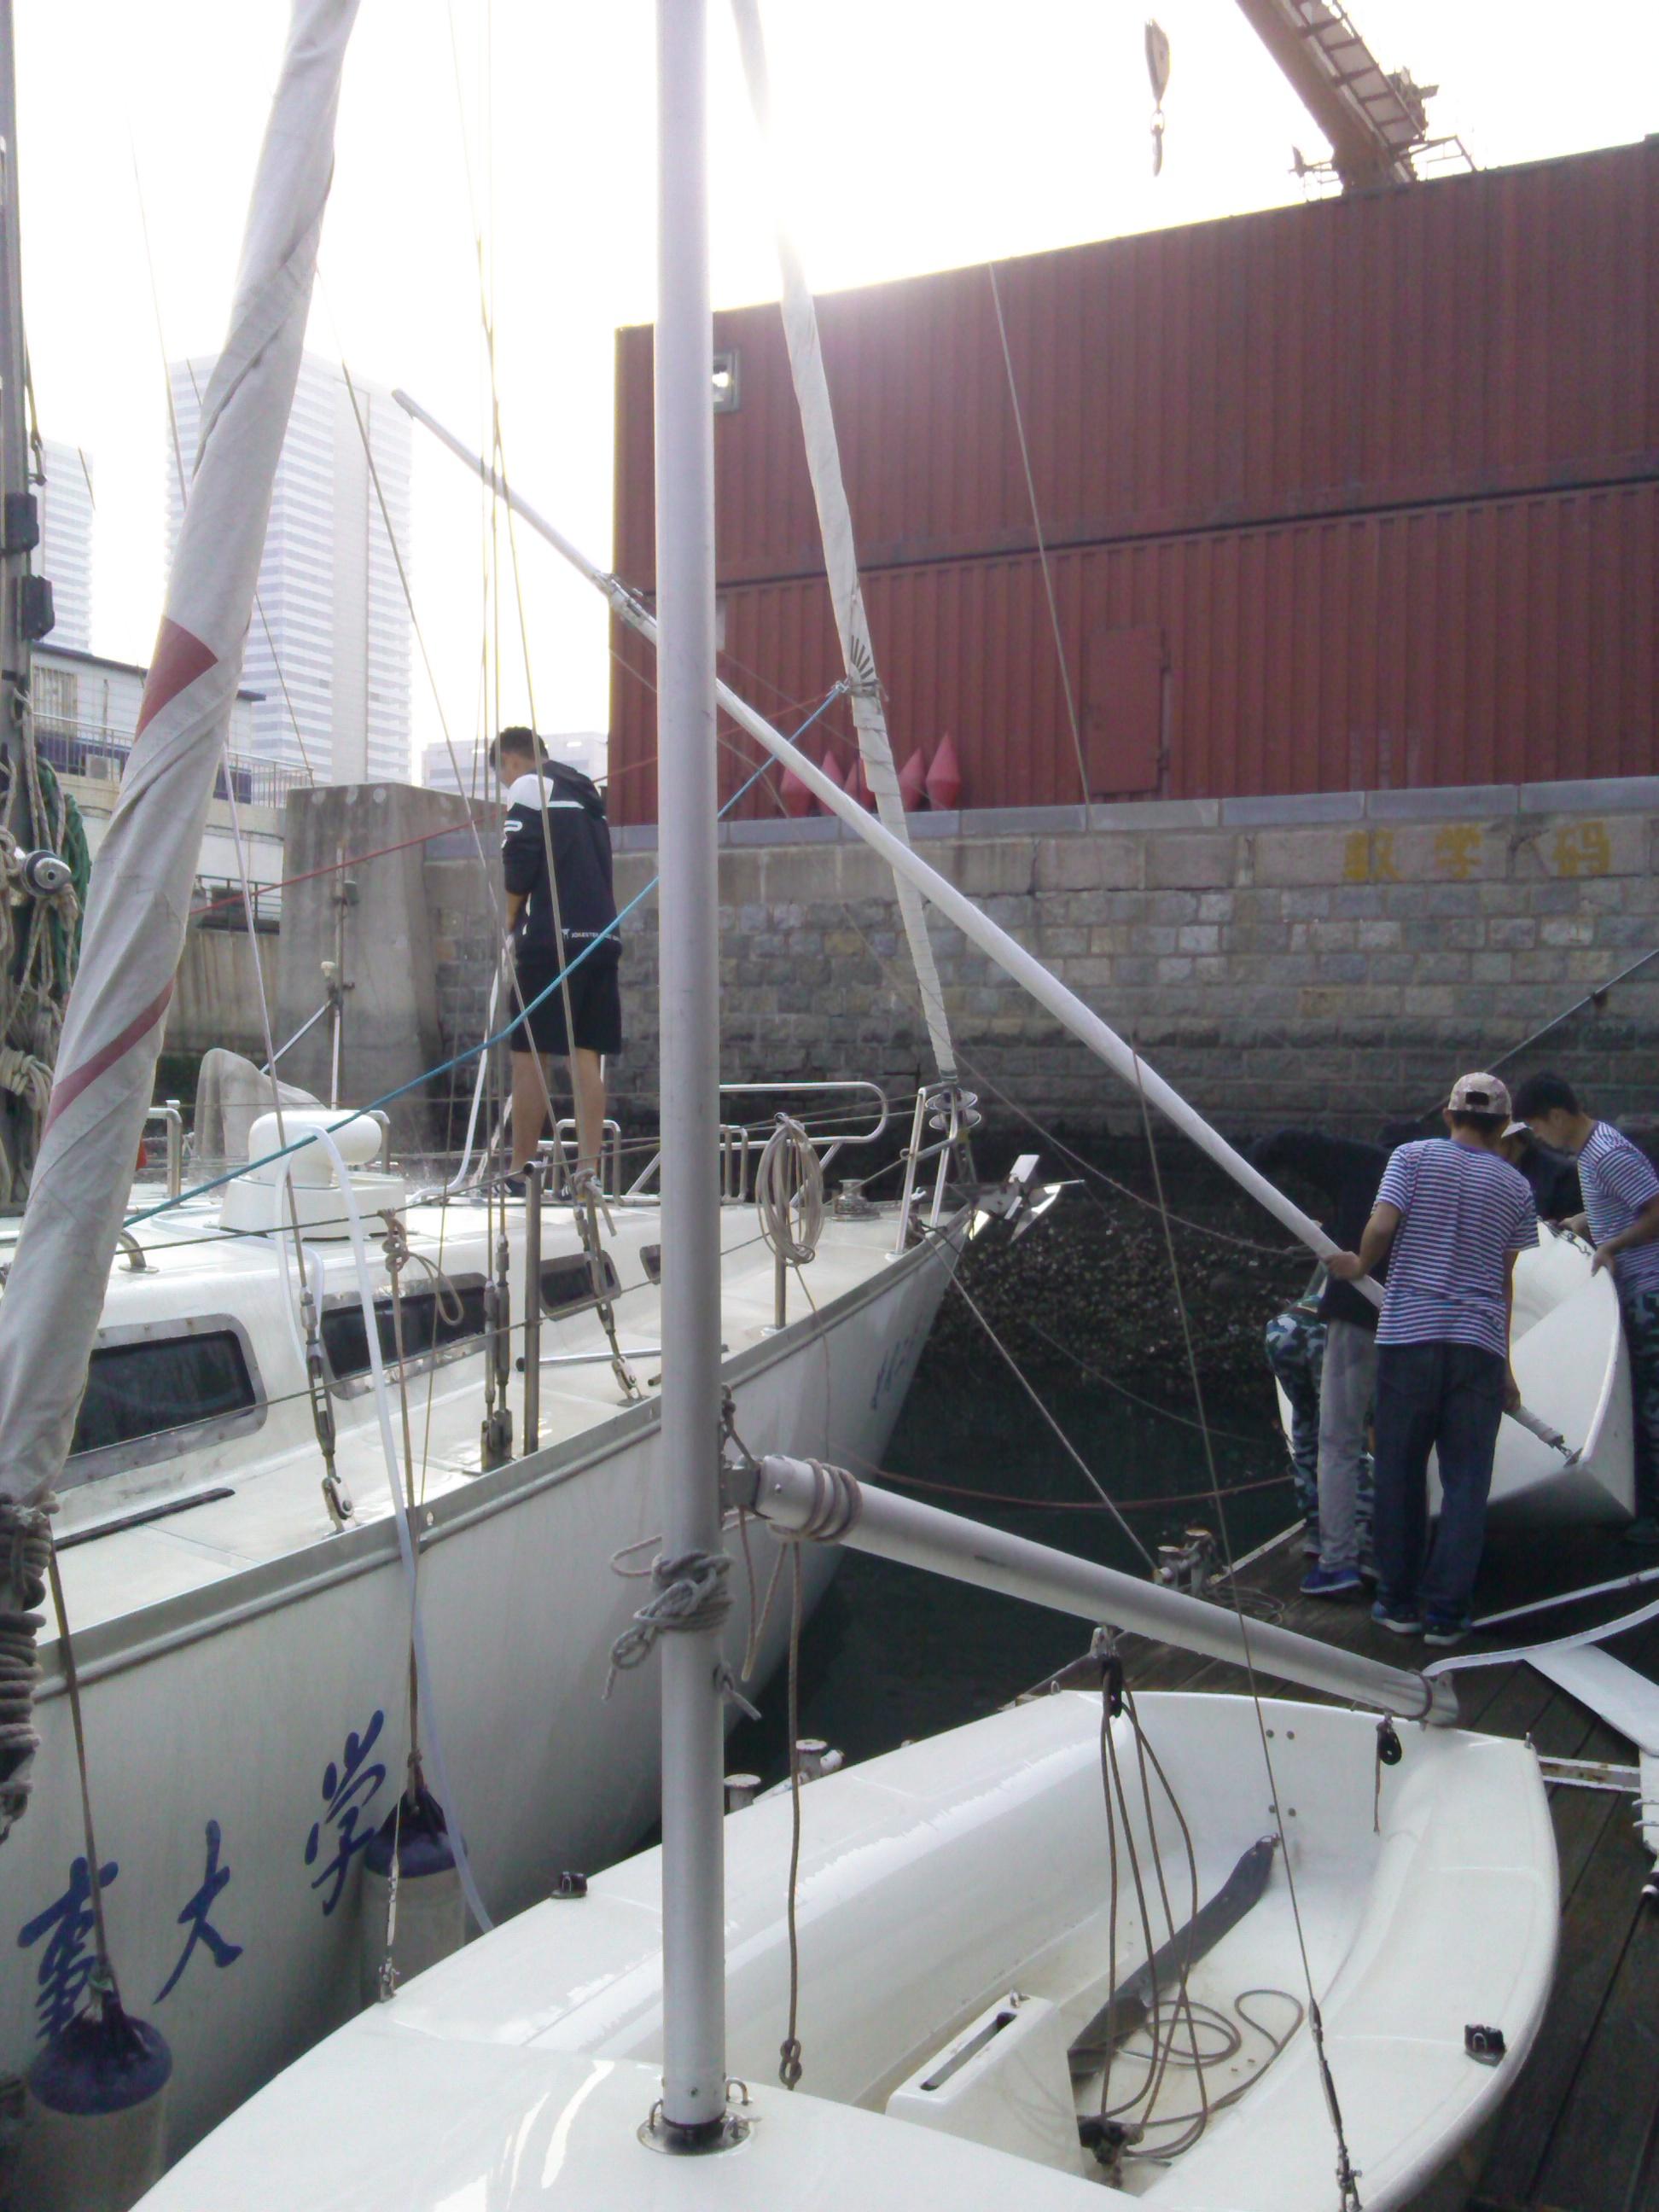 大连海事,大学,帆船 大连海事大学帆船队之港池小帆船训练